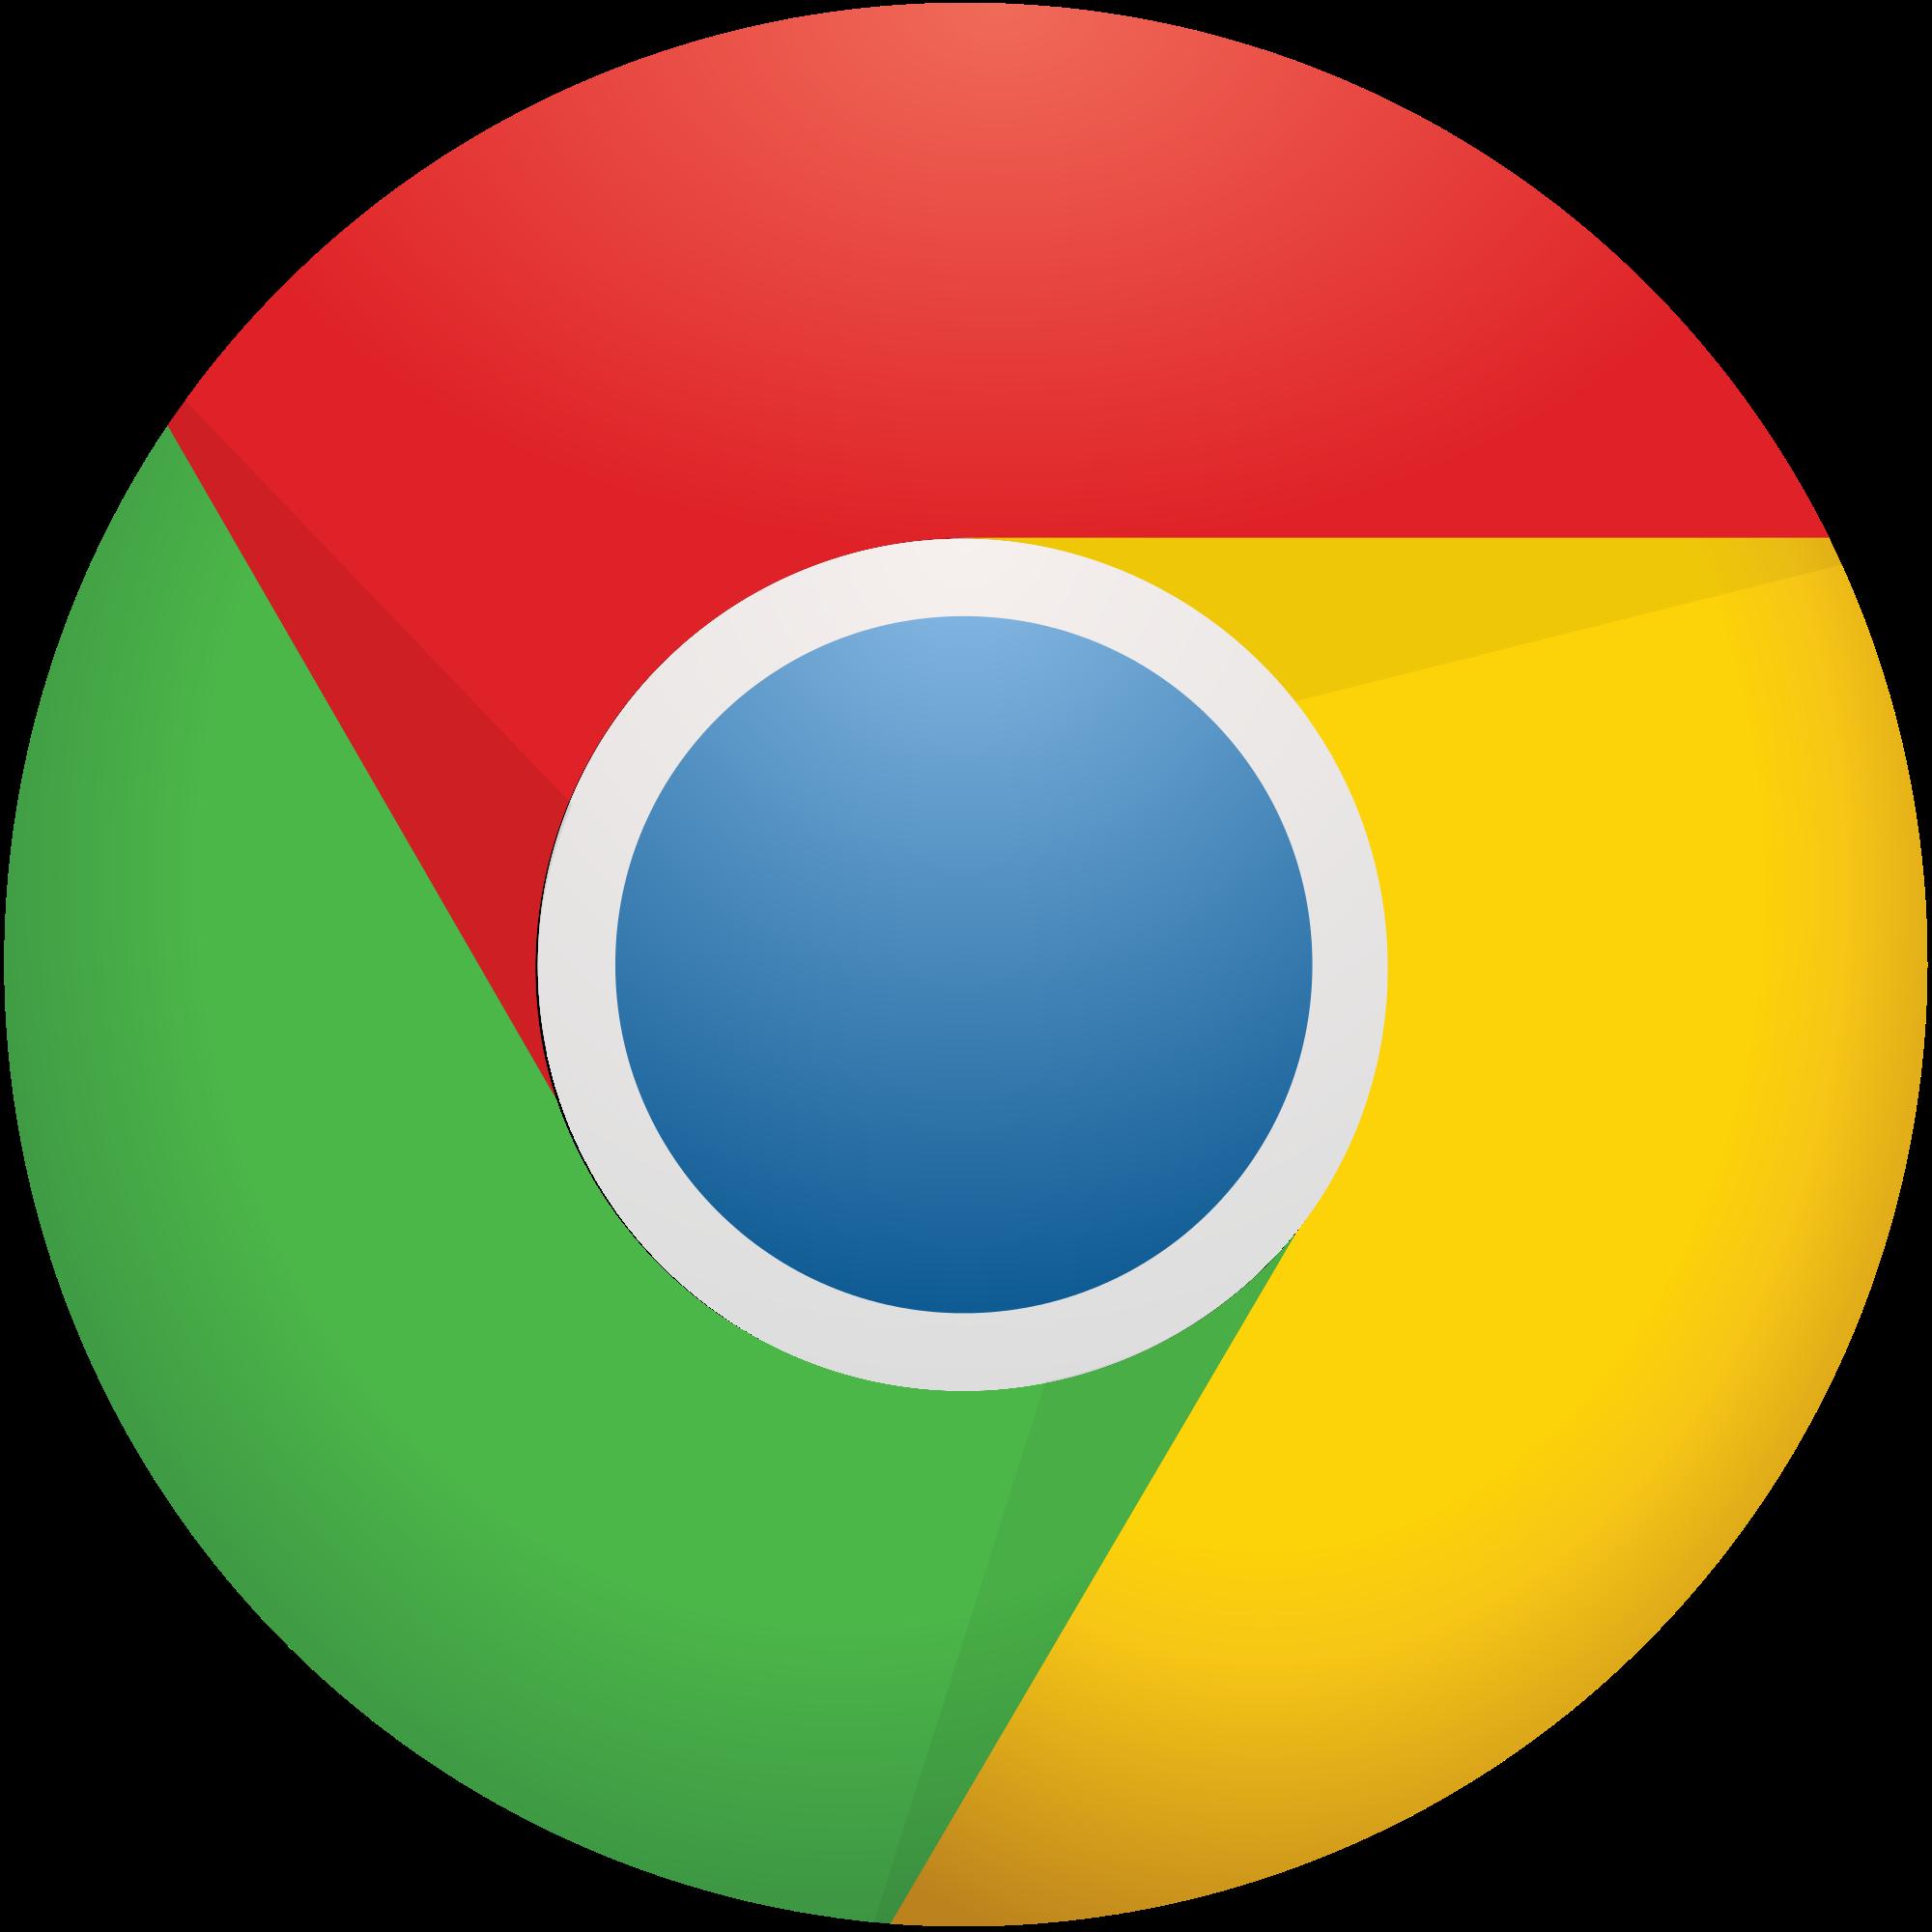 Google quiere bloquear anuncios